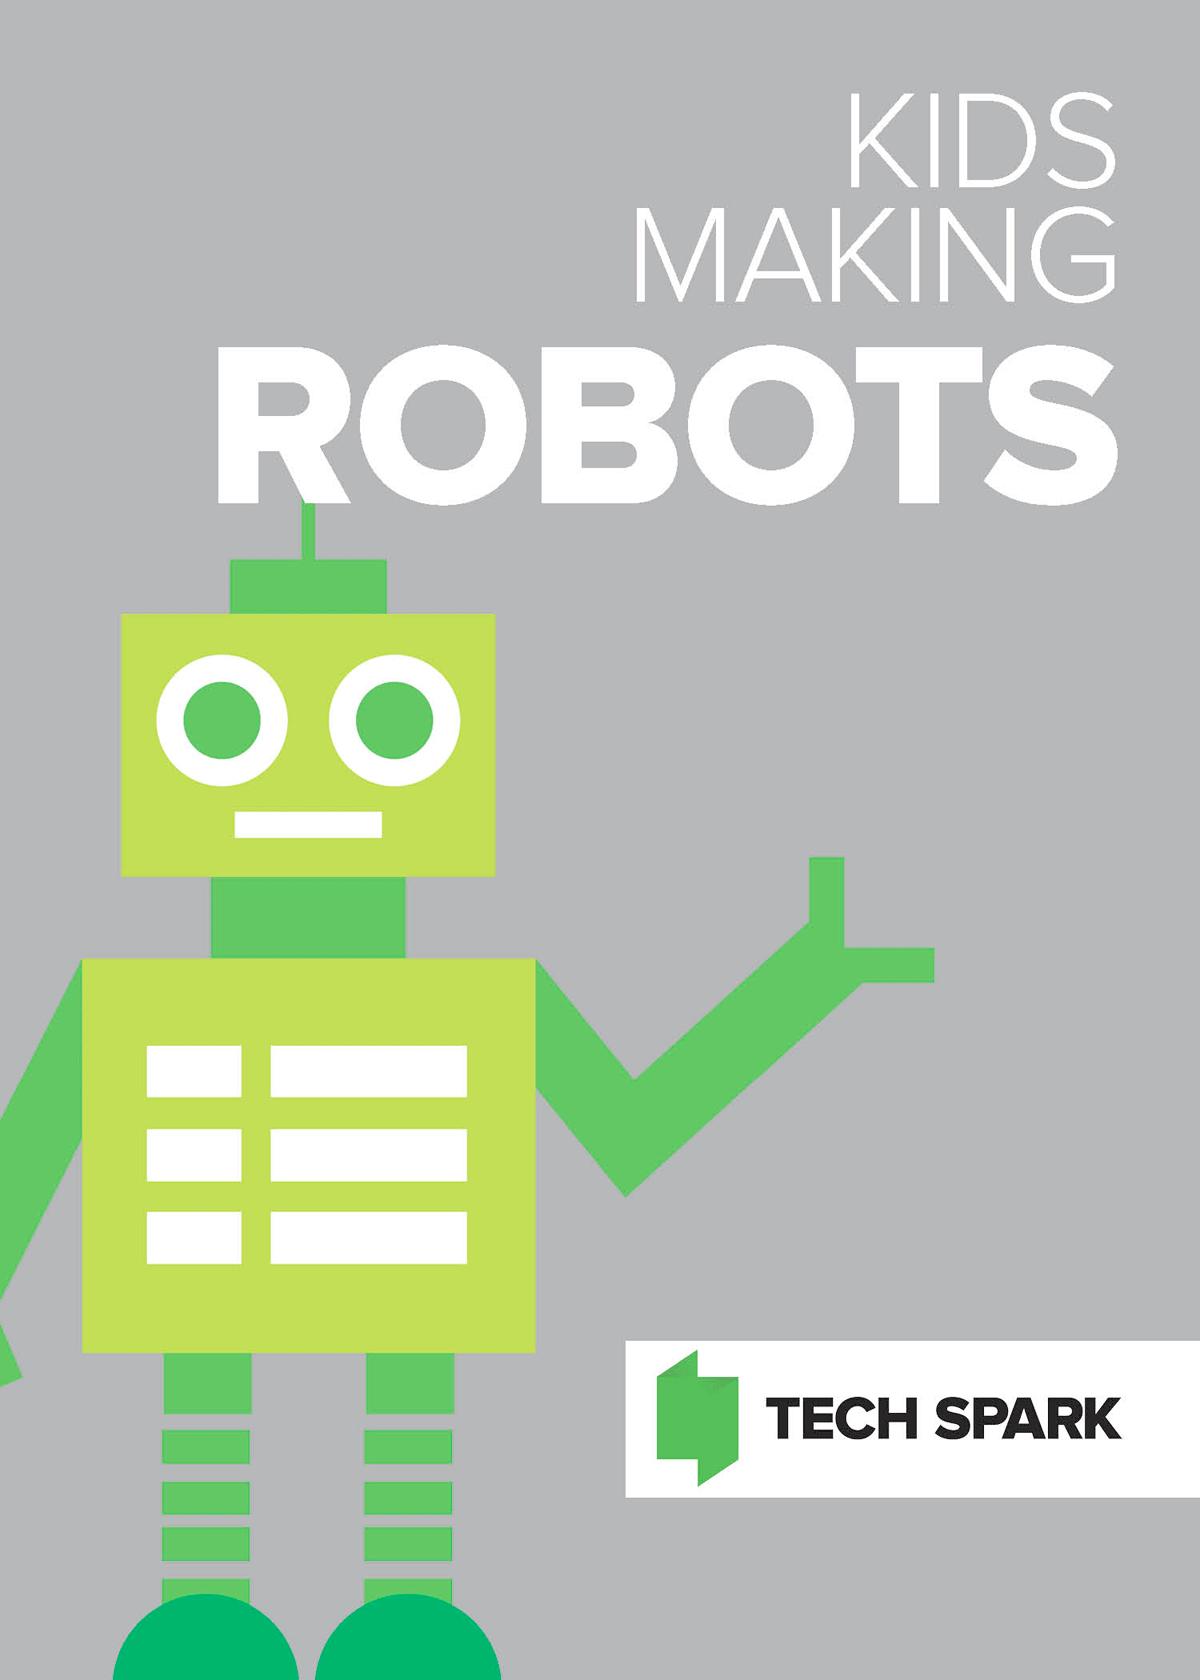 kidsmakingrobotspic.png